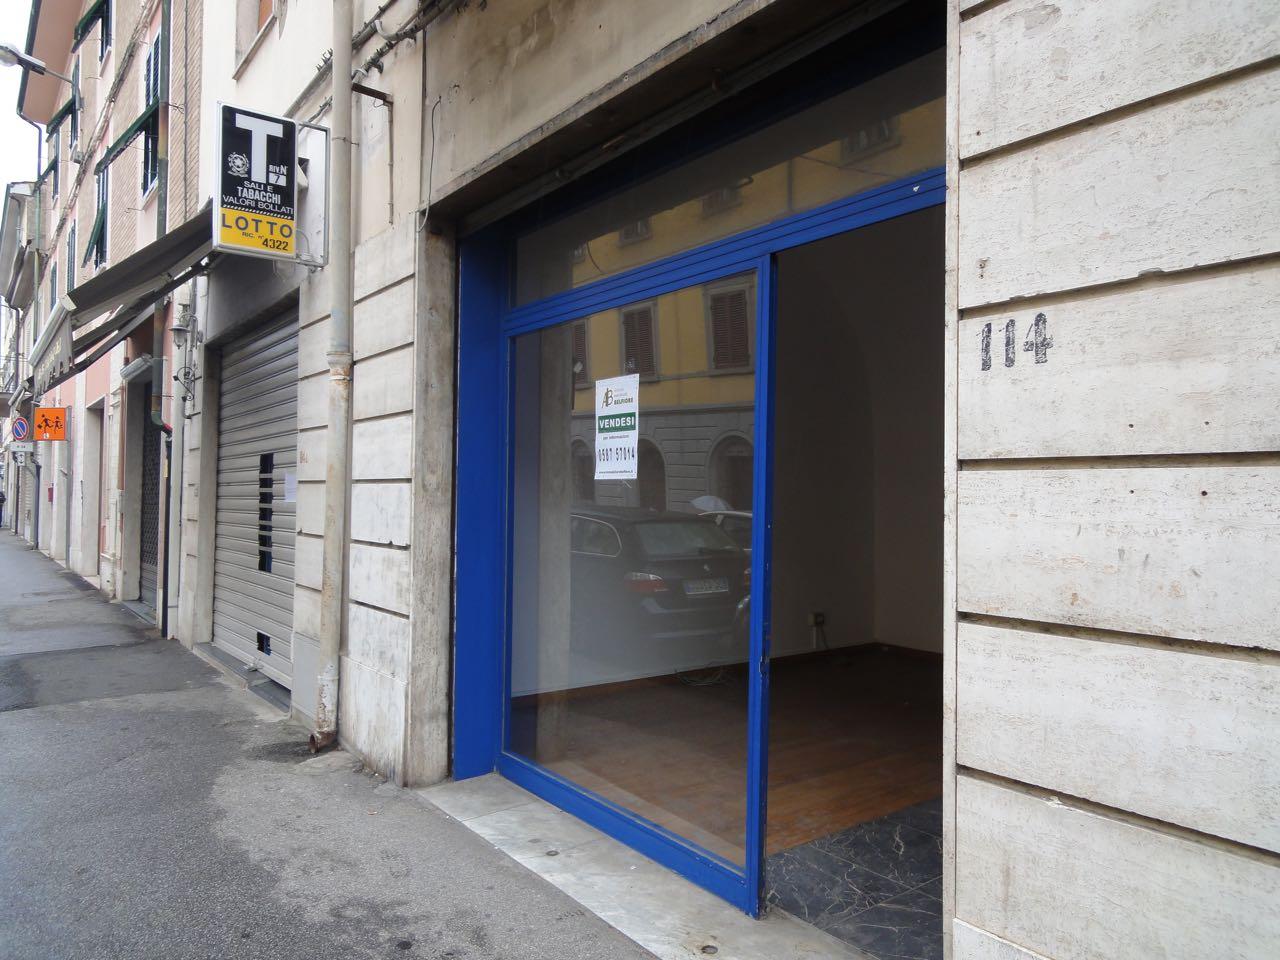 Negozio / Locale in vendita a Pontedera, 9999 locali, zona Località: Sozzifanti/Ospedale, prezzo € 46.000   CambioCasa.it